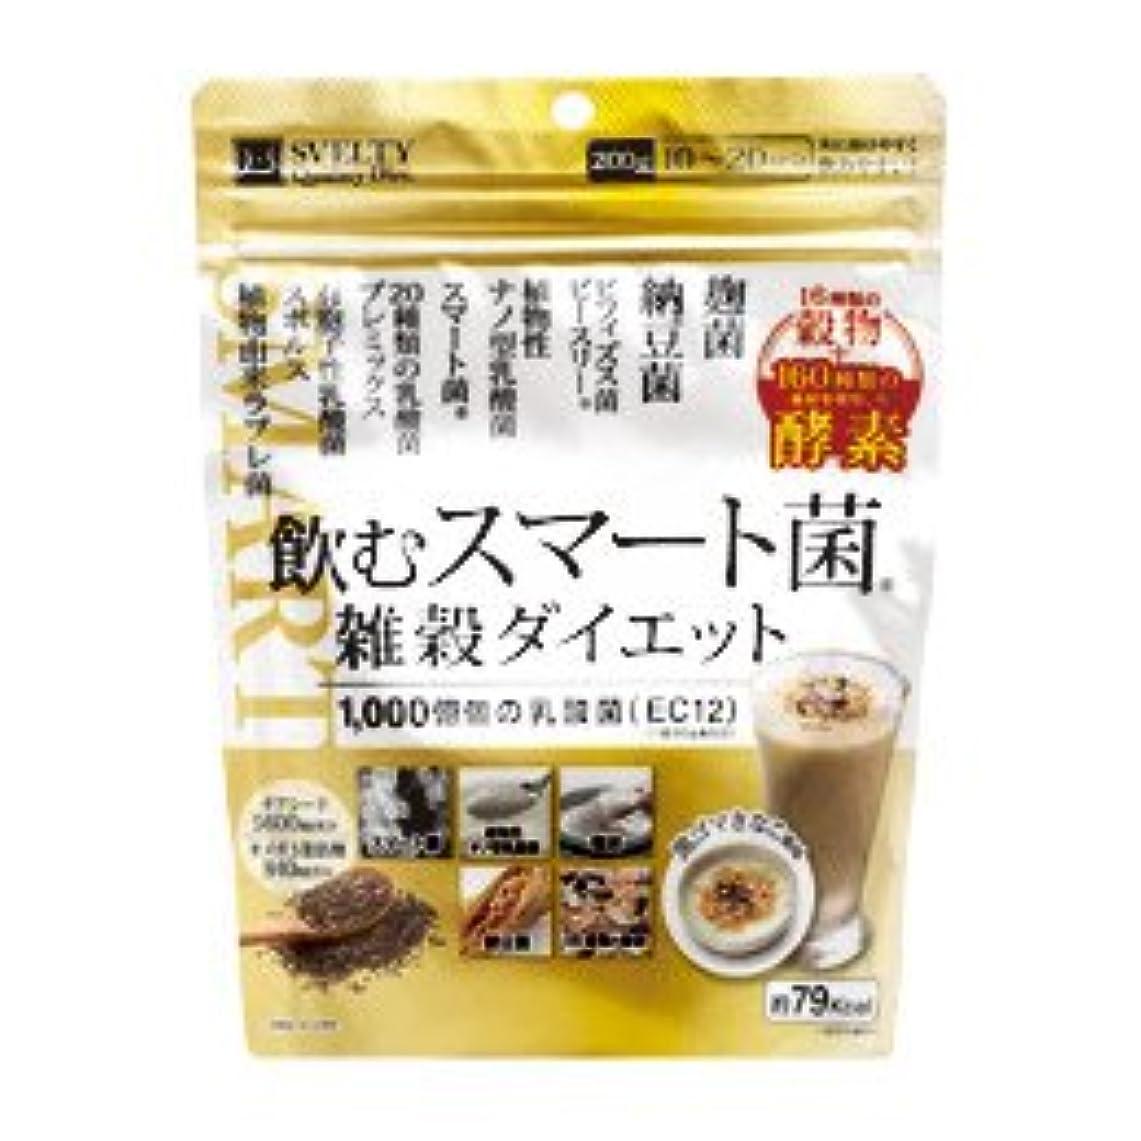 受け入れ作るオーバーランイムノス 飲むスマート菌 雑穀ダイエット 200g×36個